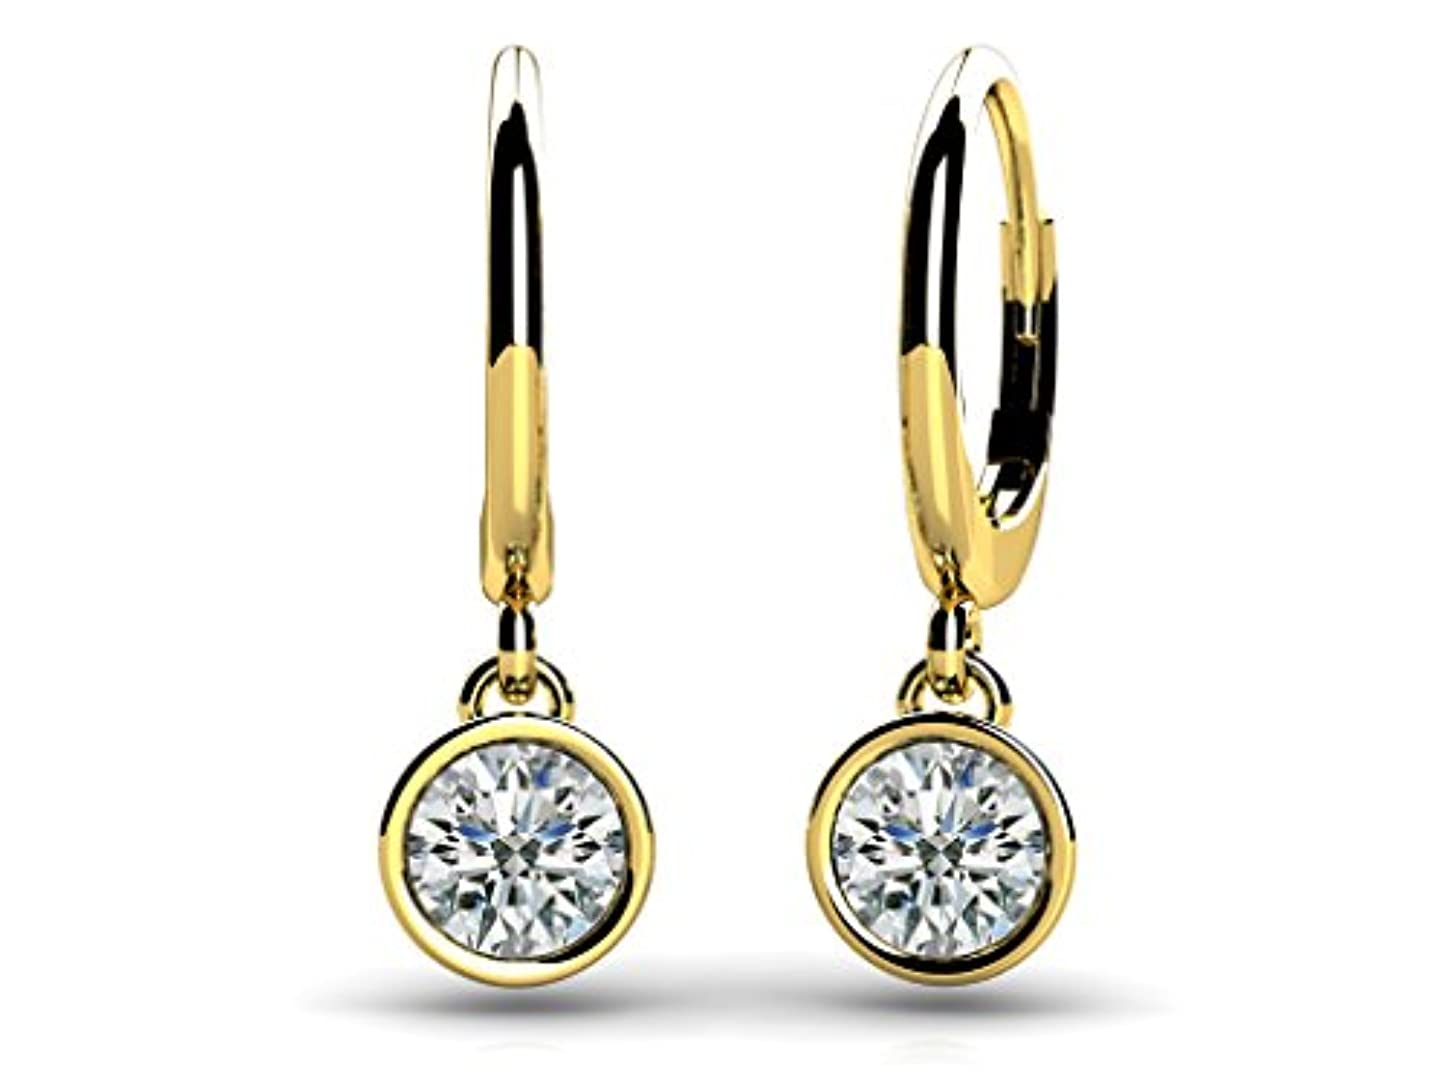 流出手書き好きSilvercz Jewels 0.24 カラット ラウンドカット D/VVS1 ダイアモンドベゼルセット ドロップピアス 14K イエローゴールド